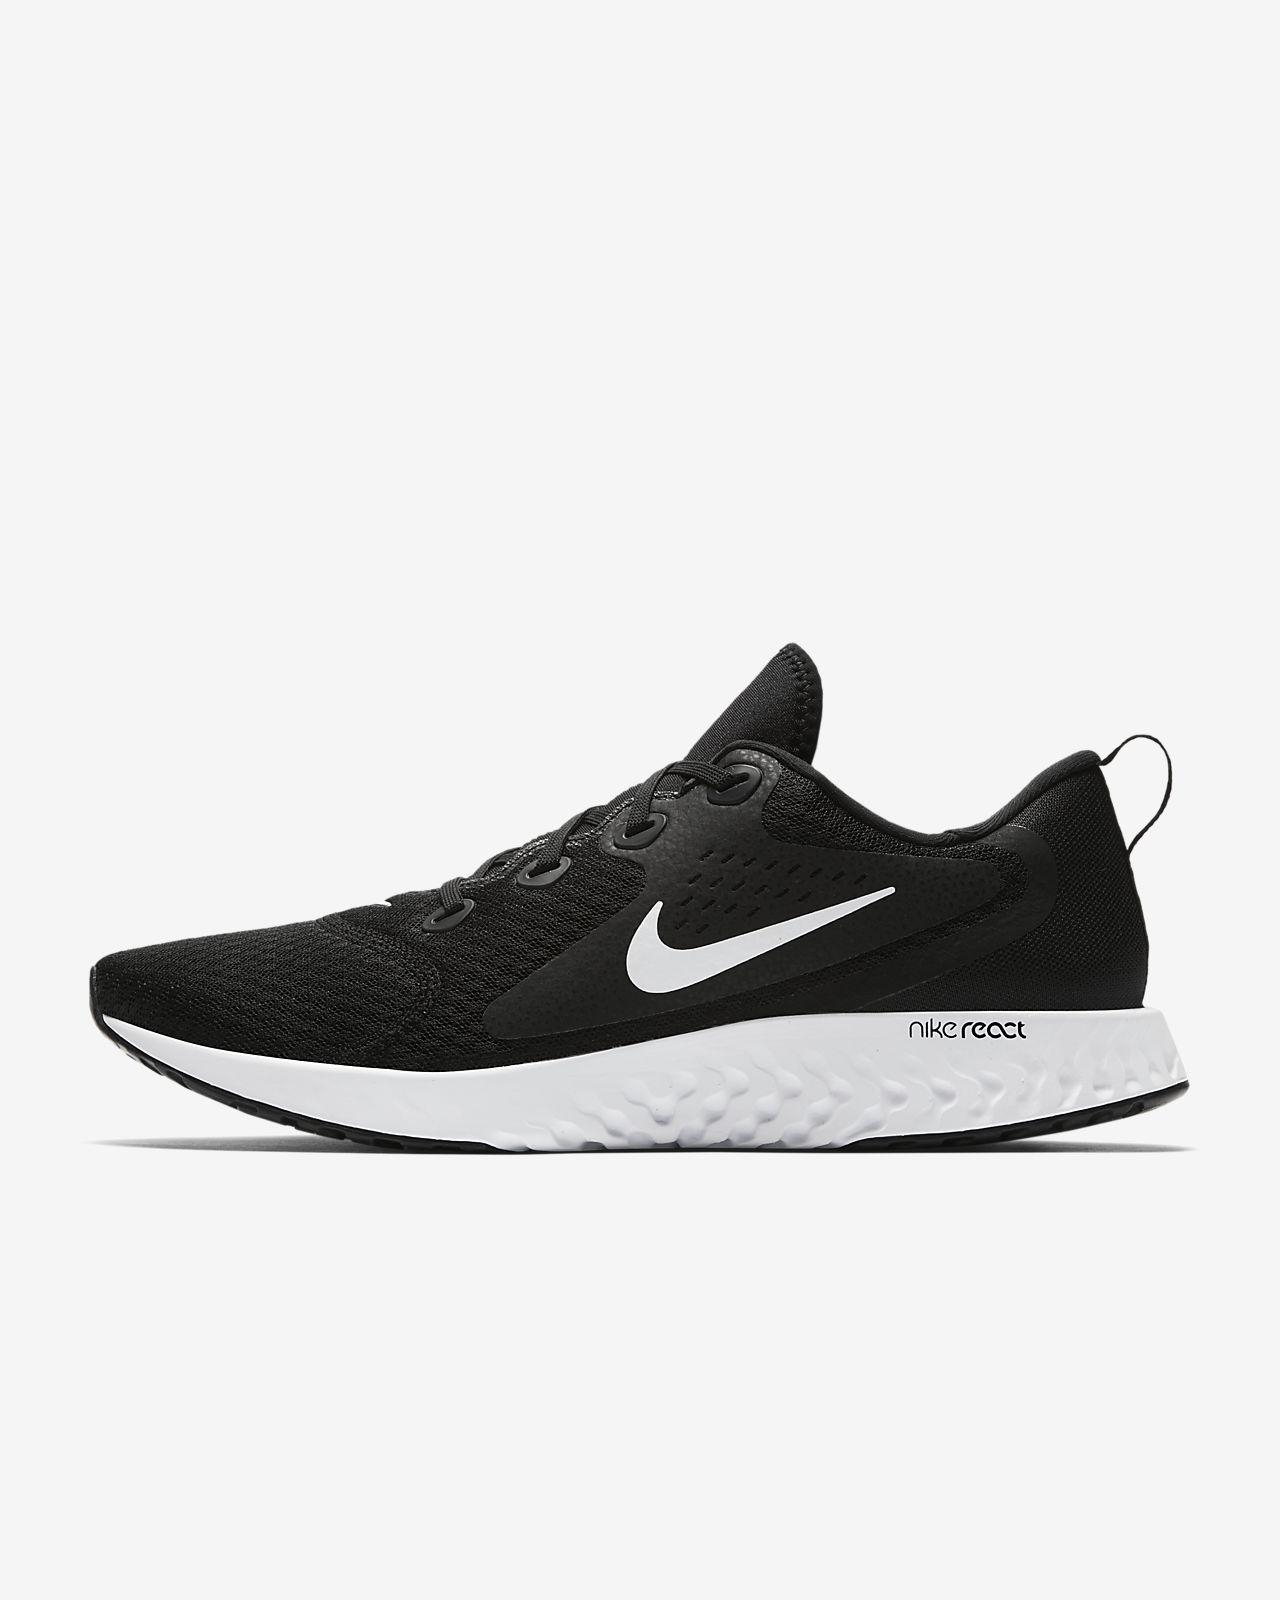 premium selection f724e aa338 Calzado de running para hombre Nike Legend React